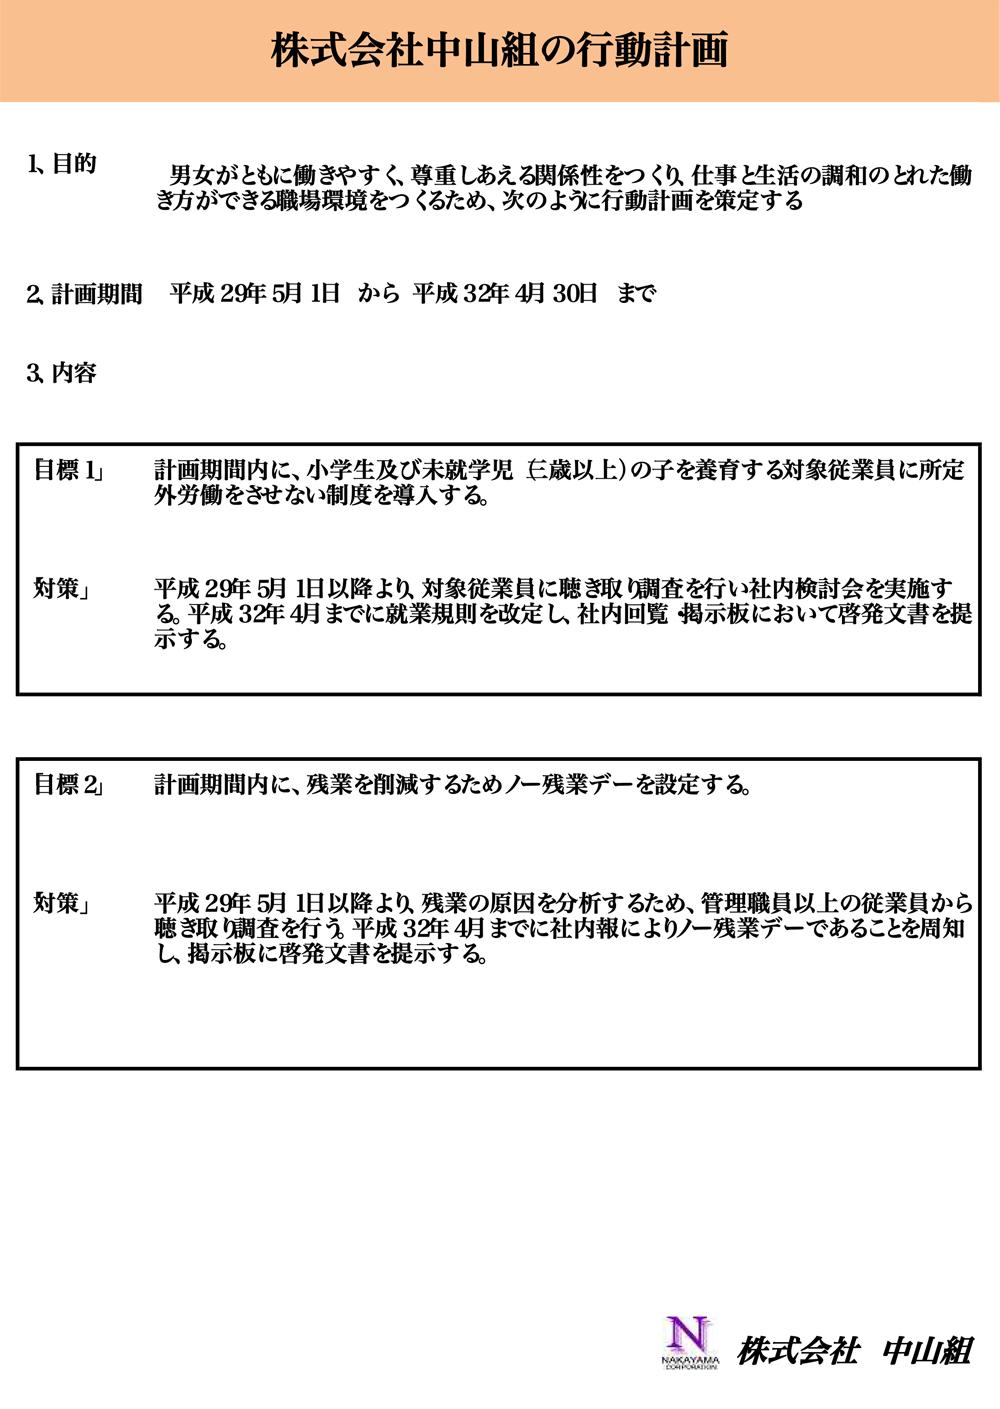 株式会社中山組の行動計画